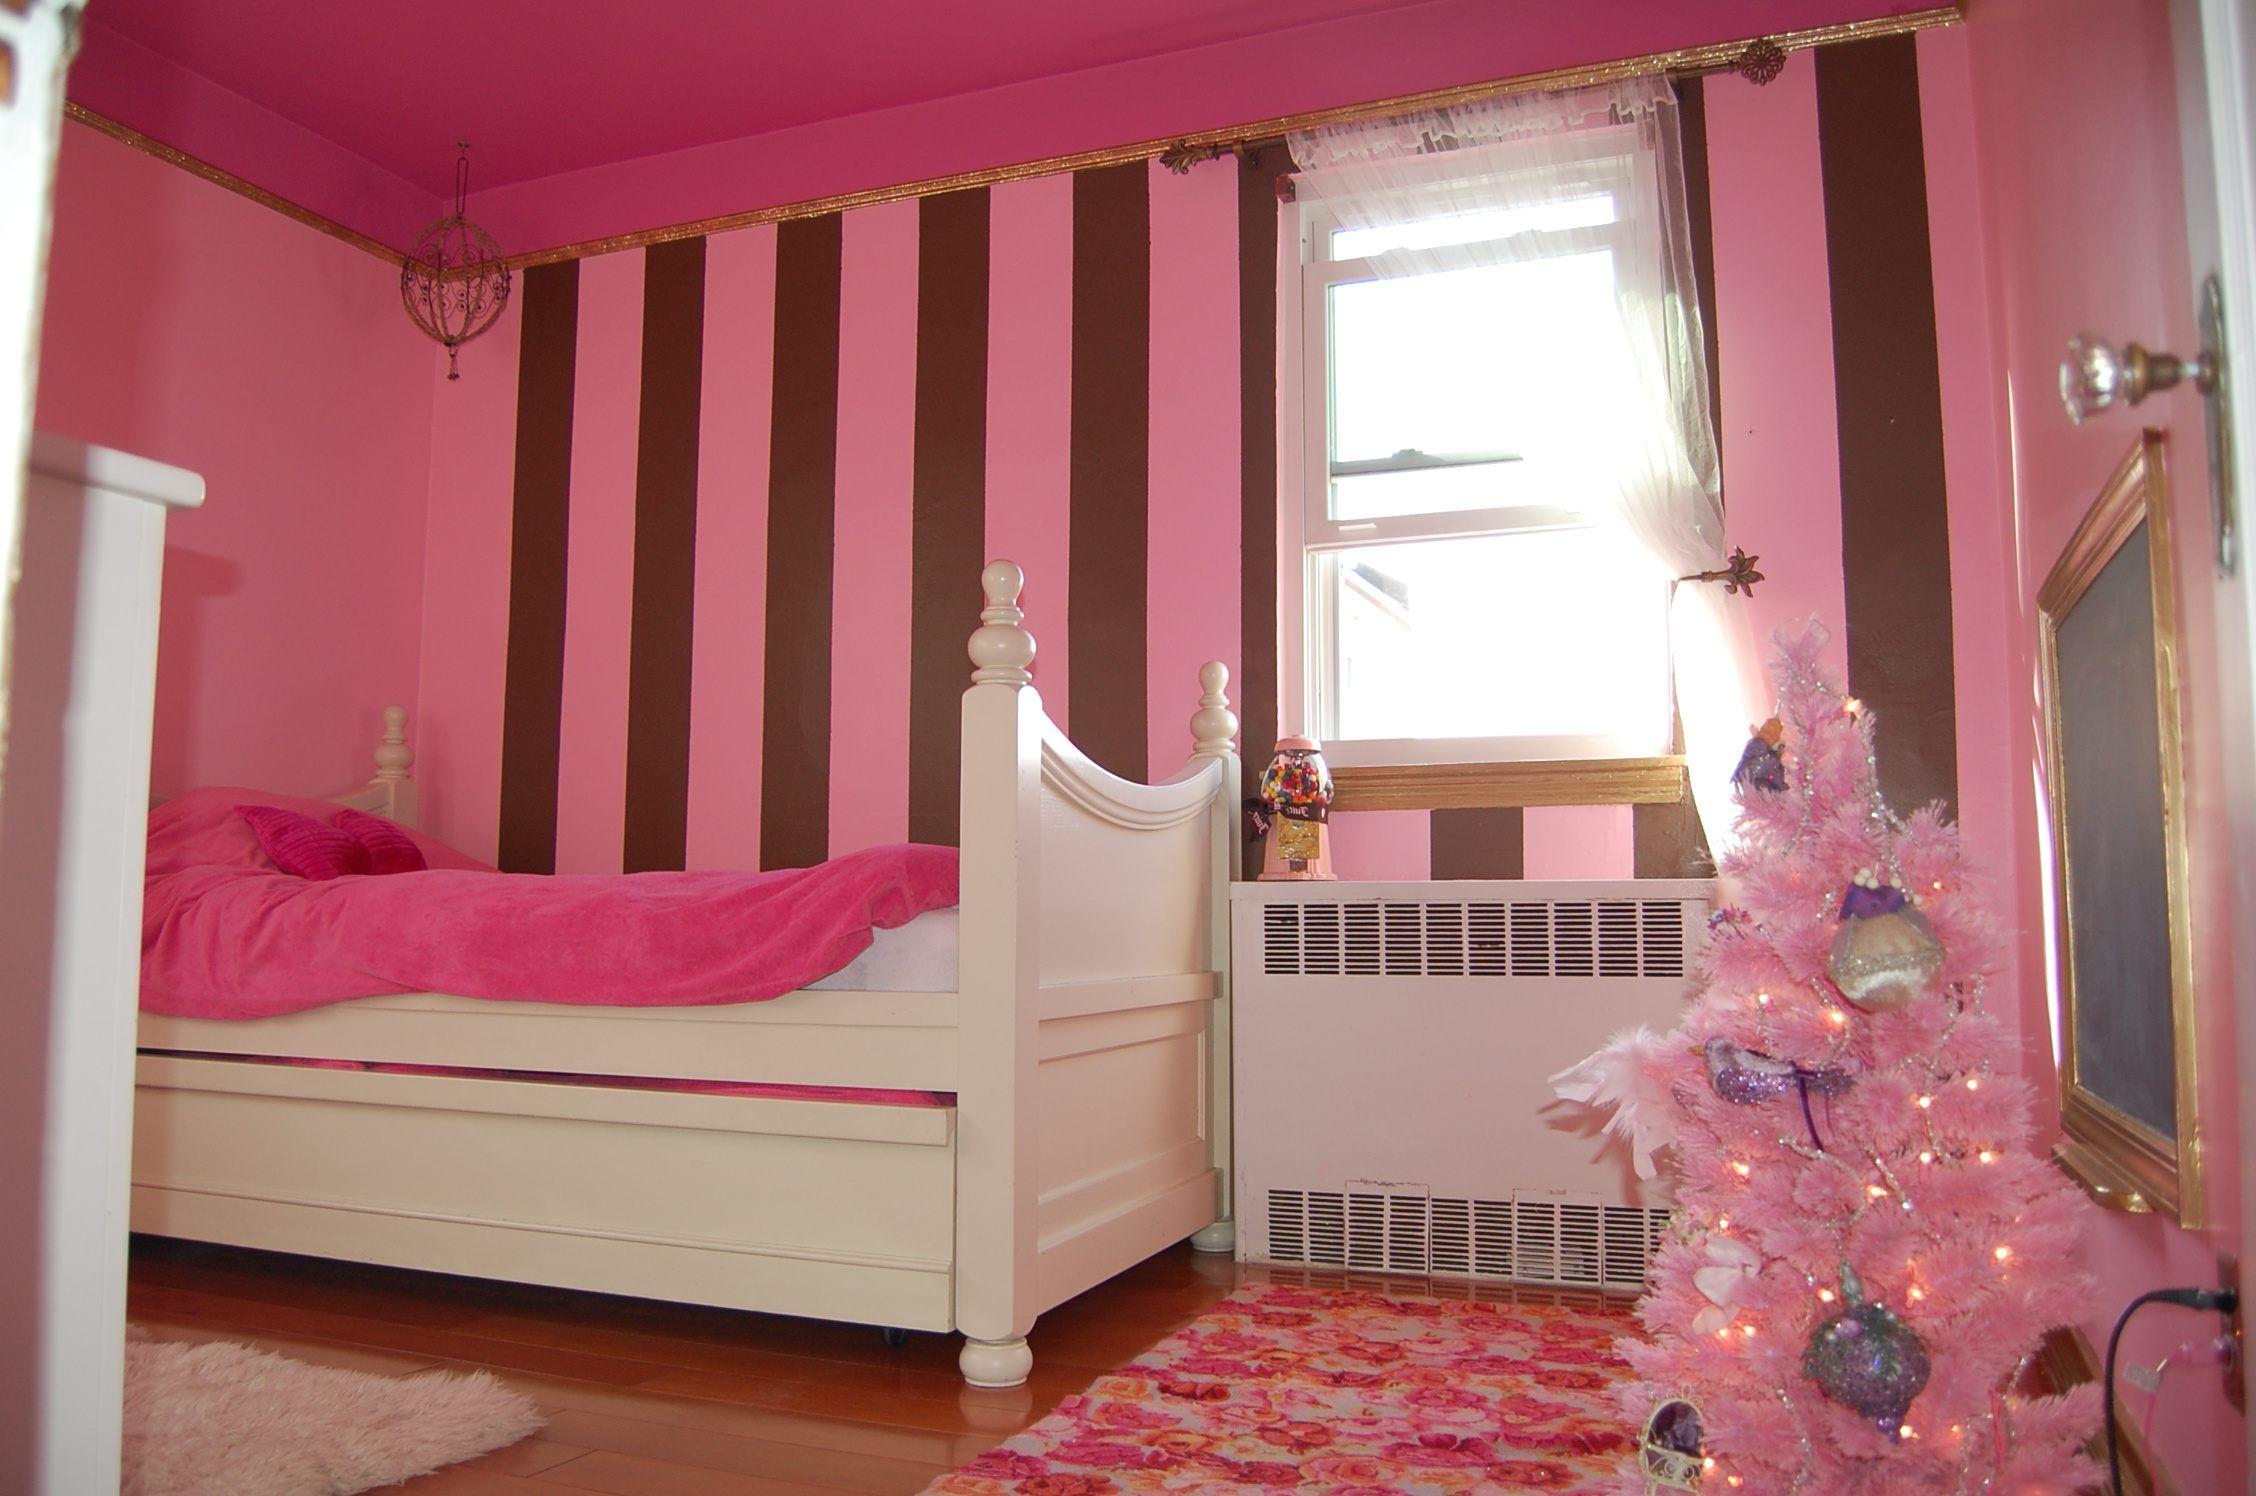 Madchen Schlafzimmer Malen Ideen Dunkel Braun Holz Nachttisch Ta